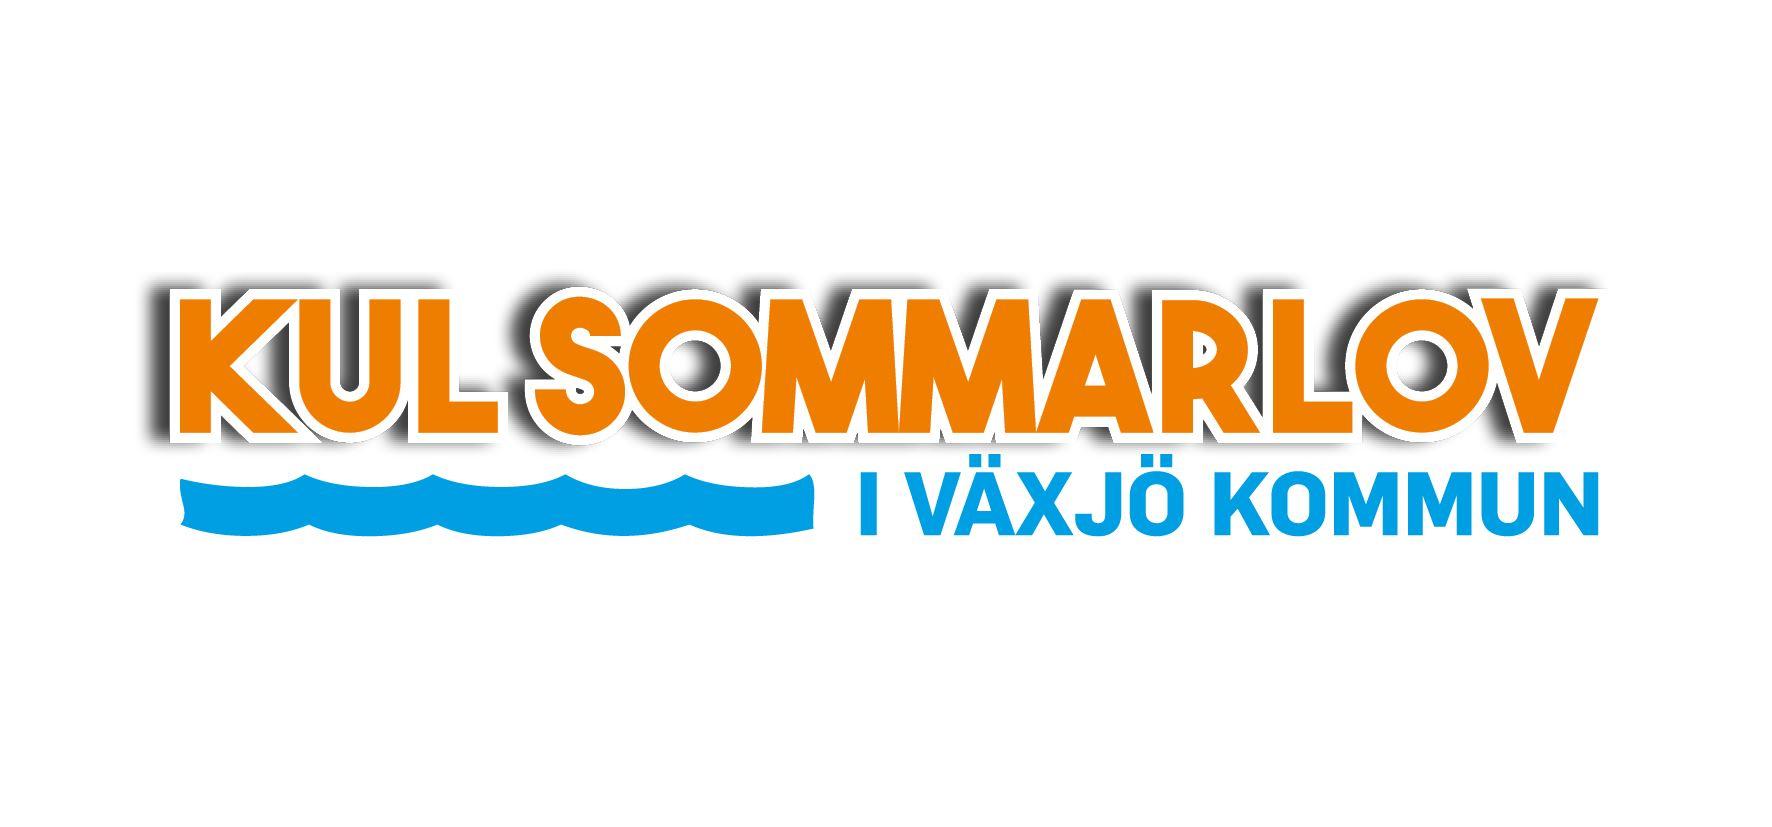 Kul sommarlov: Växjö skate summer pop up